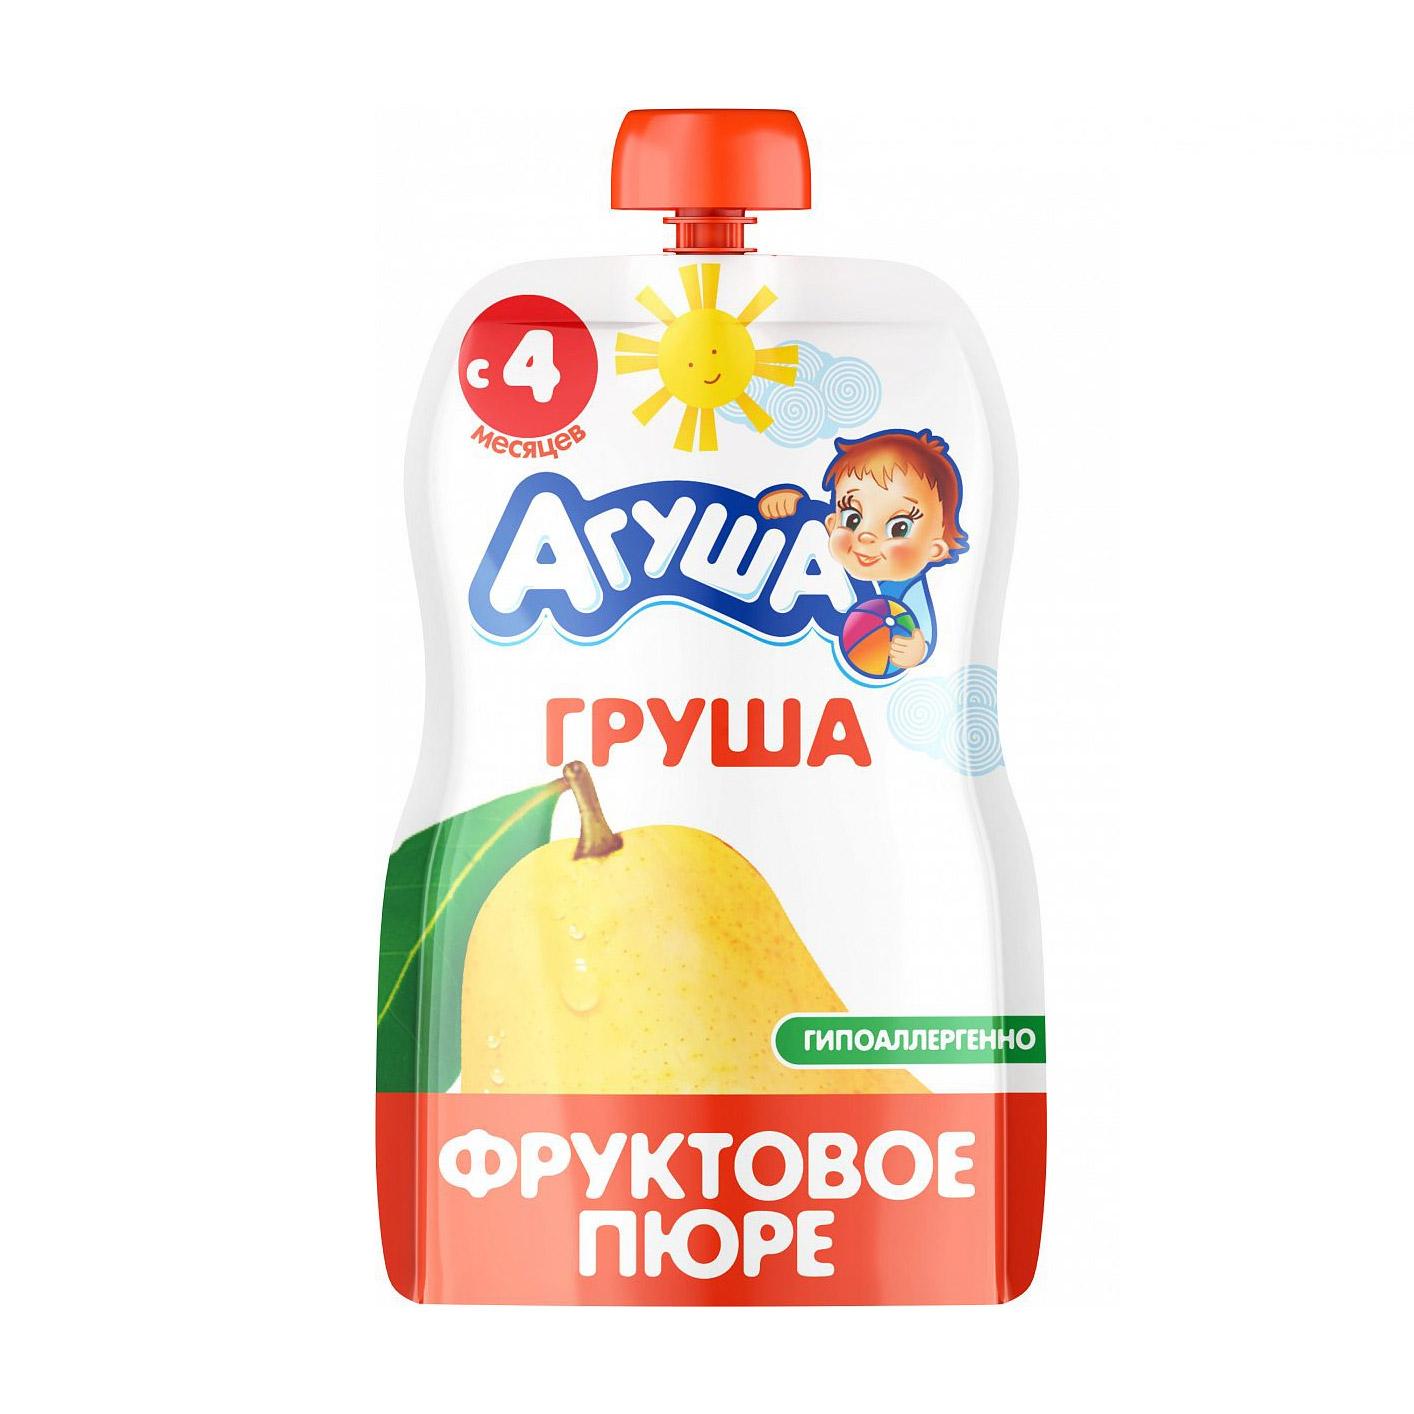 Фото - Пюре фруктовое Агуша Груша 90 г пюре фруктовое агуша груша 200 г